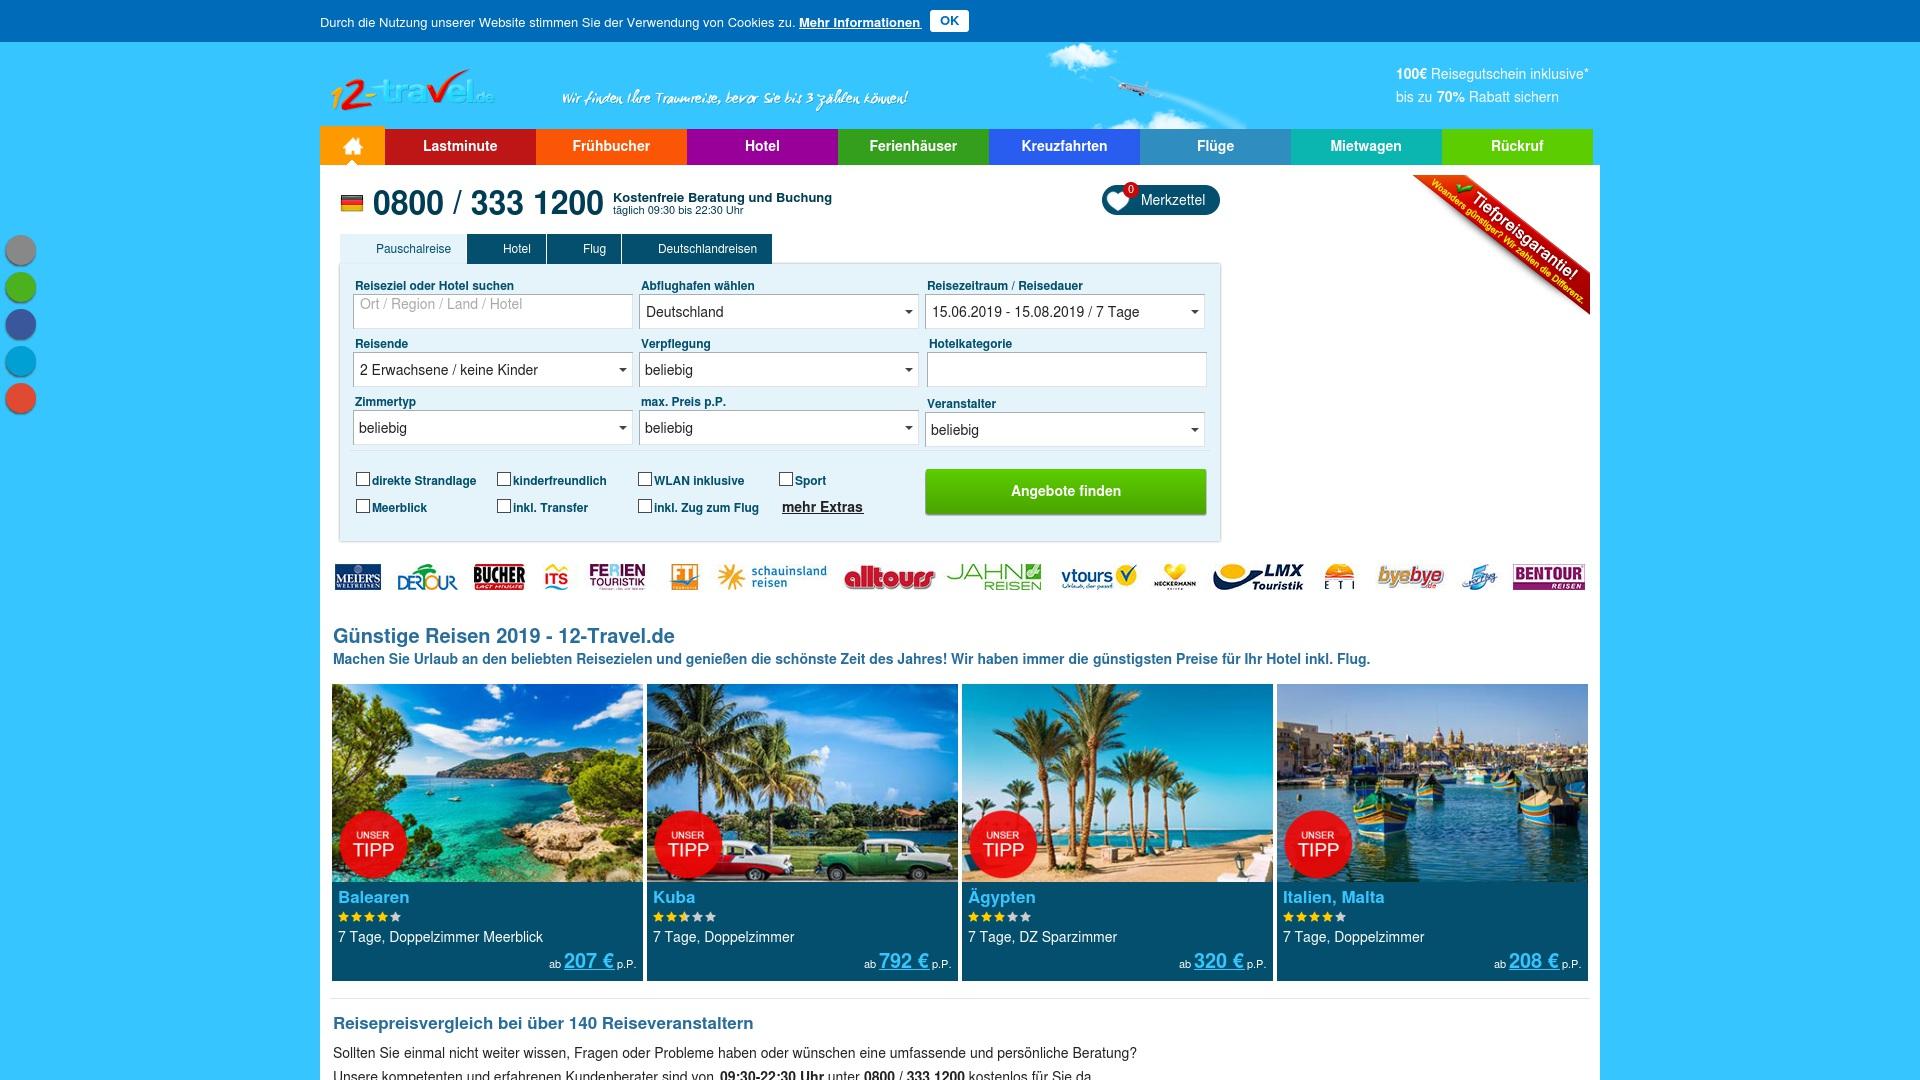 Geld zurück bei 12-travel: Jetzt im Mai 2021 Cashback für 12-travel sichern